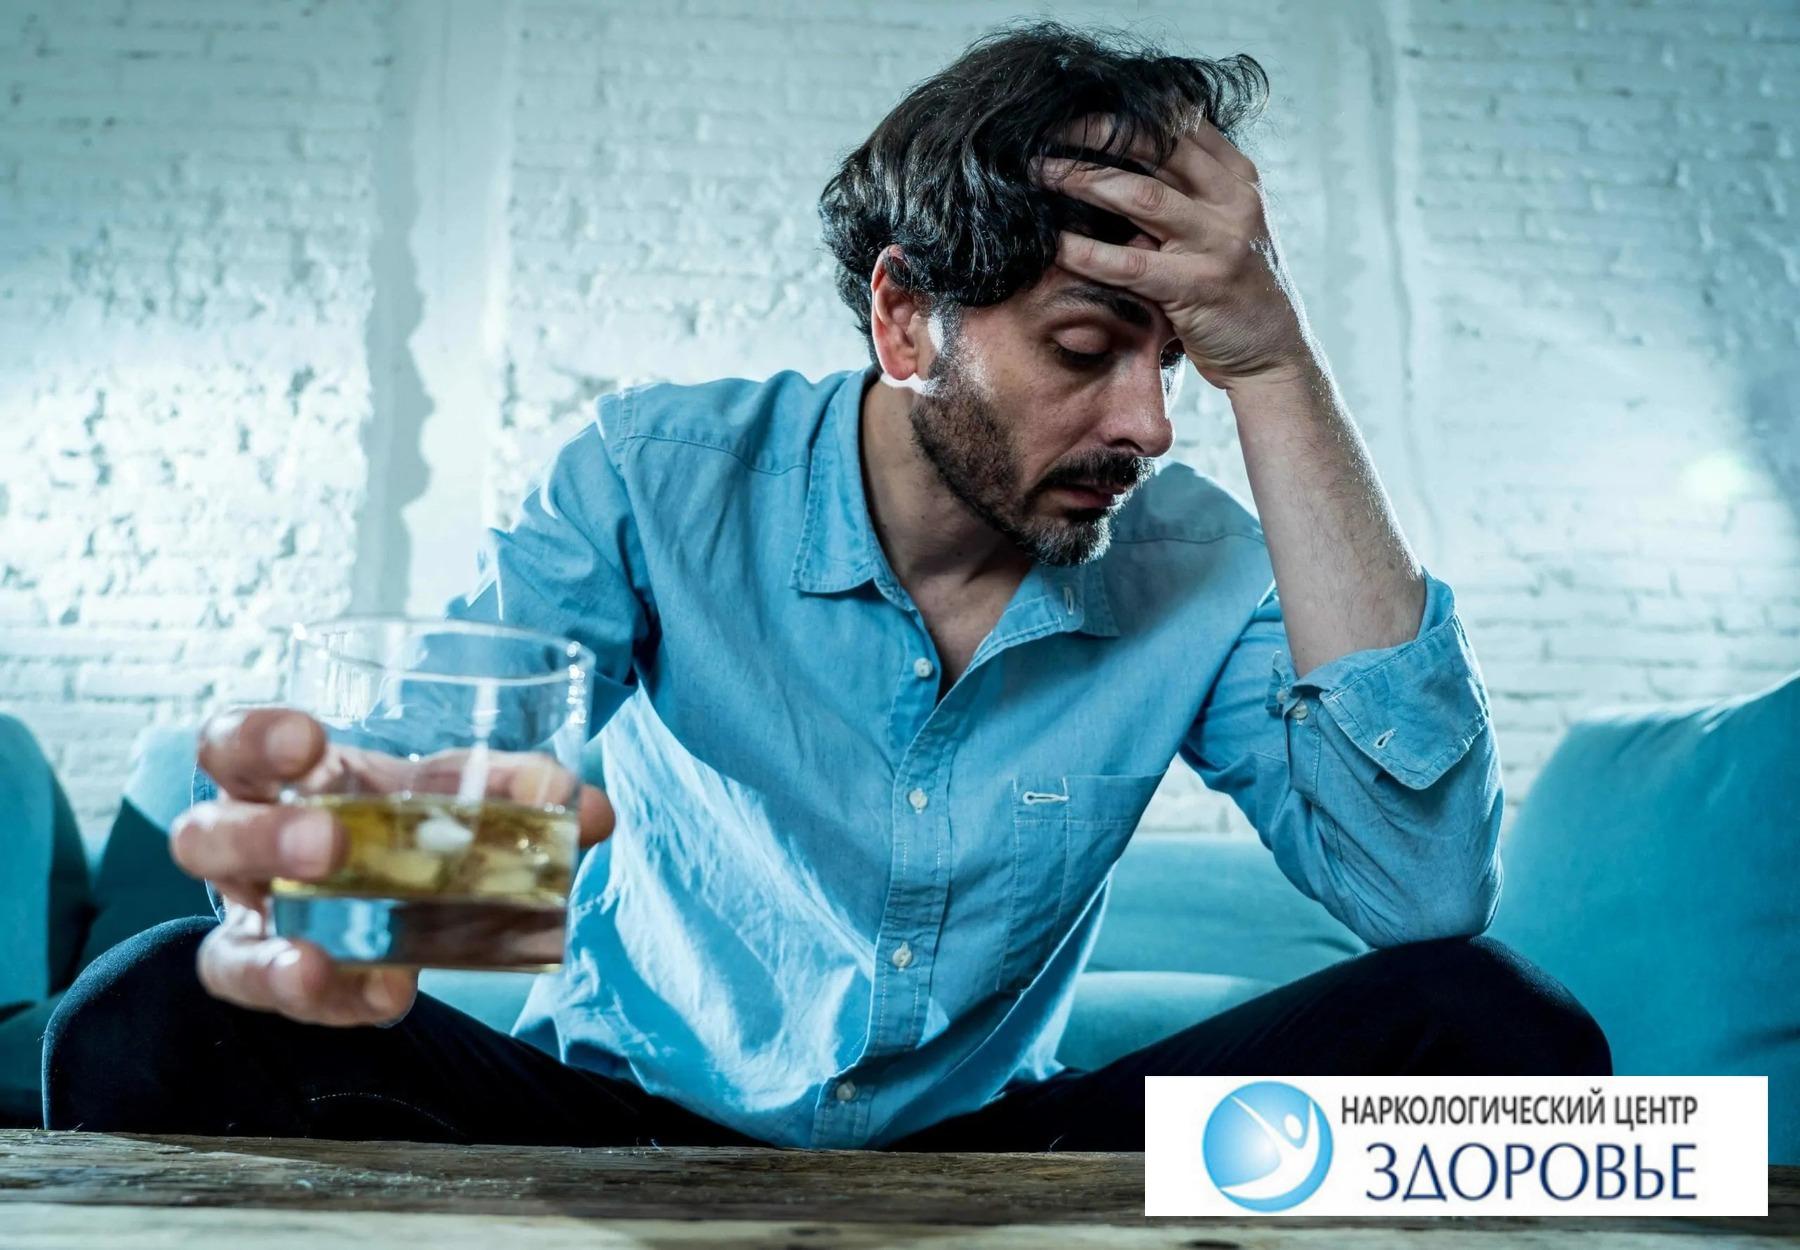 Лечение хронической алкогольной зависимости в центре Здоровье